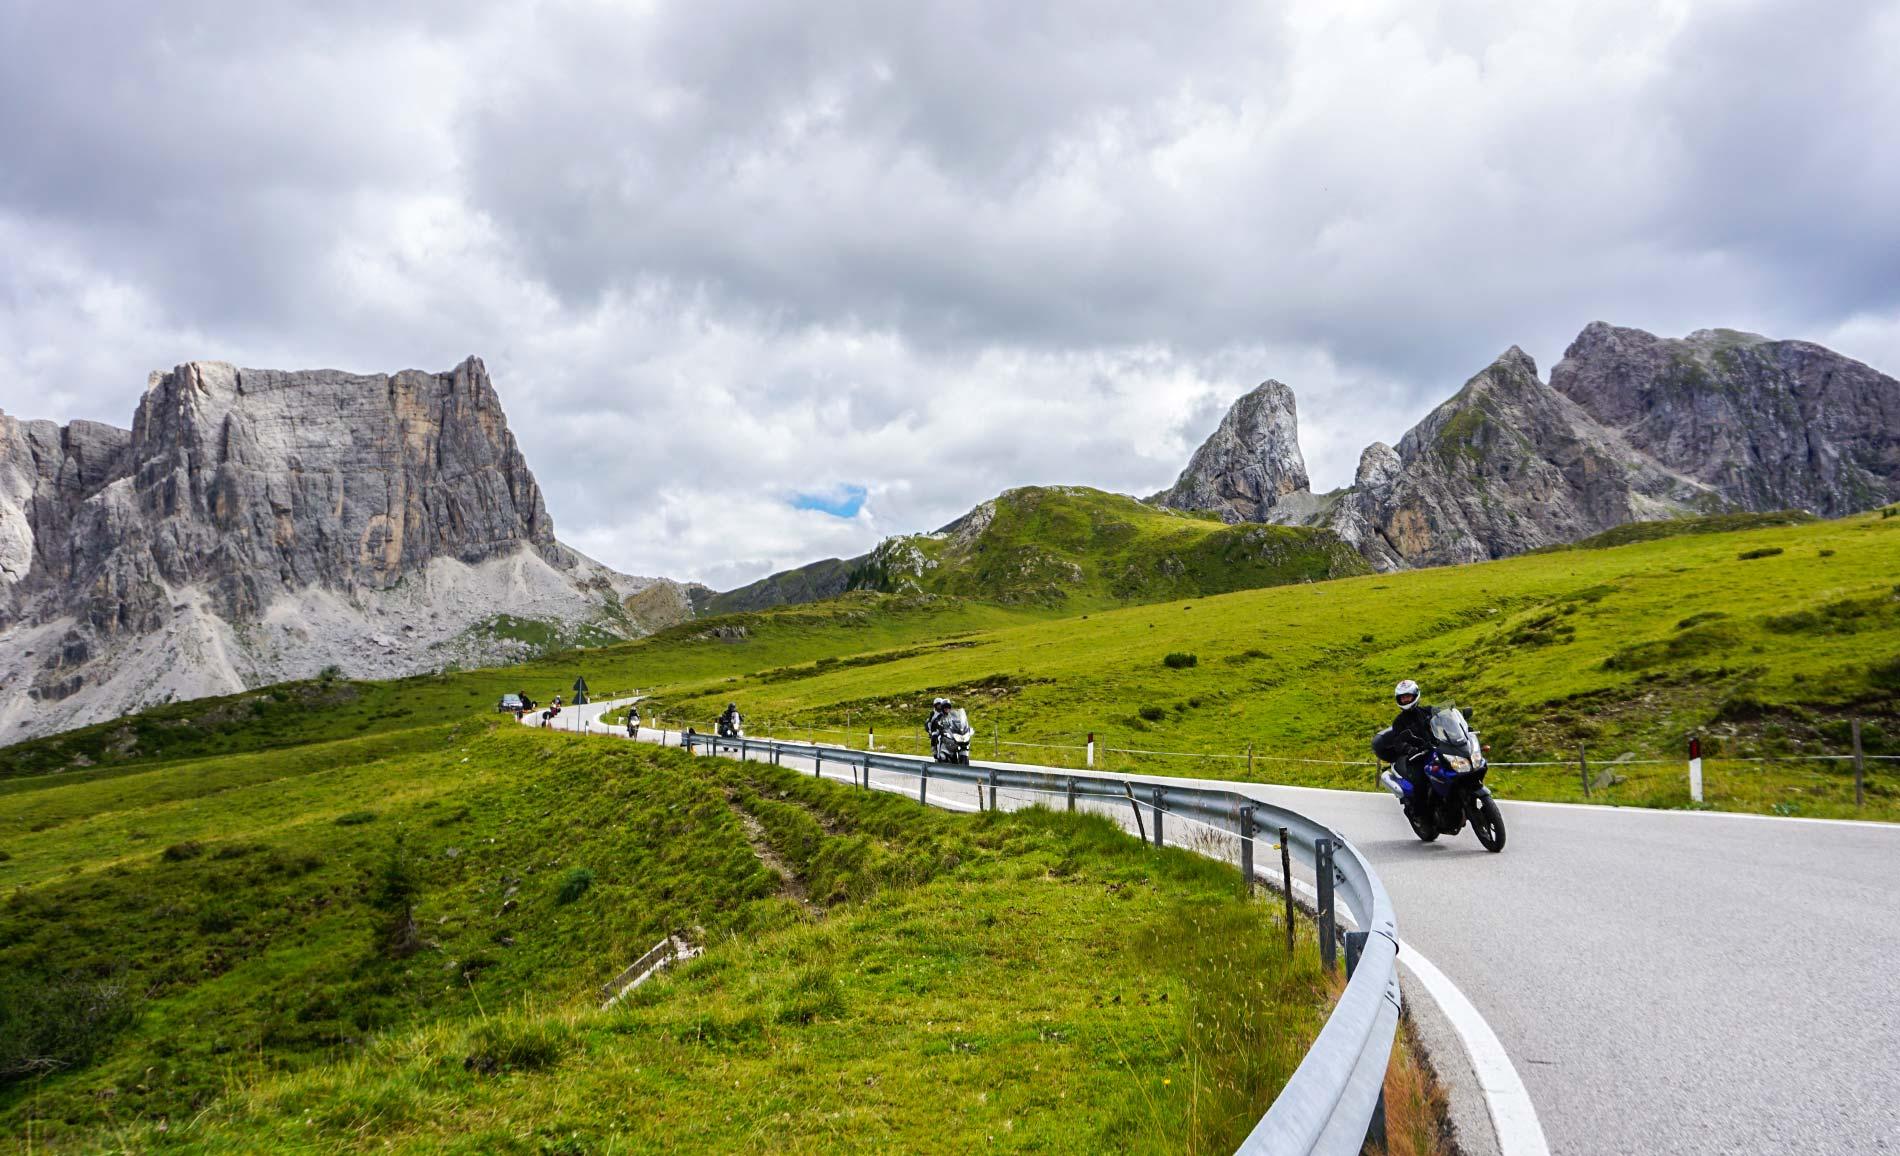 Passo di Giau motocyklem